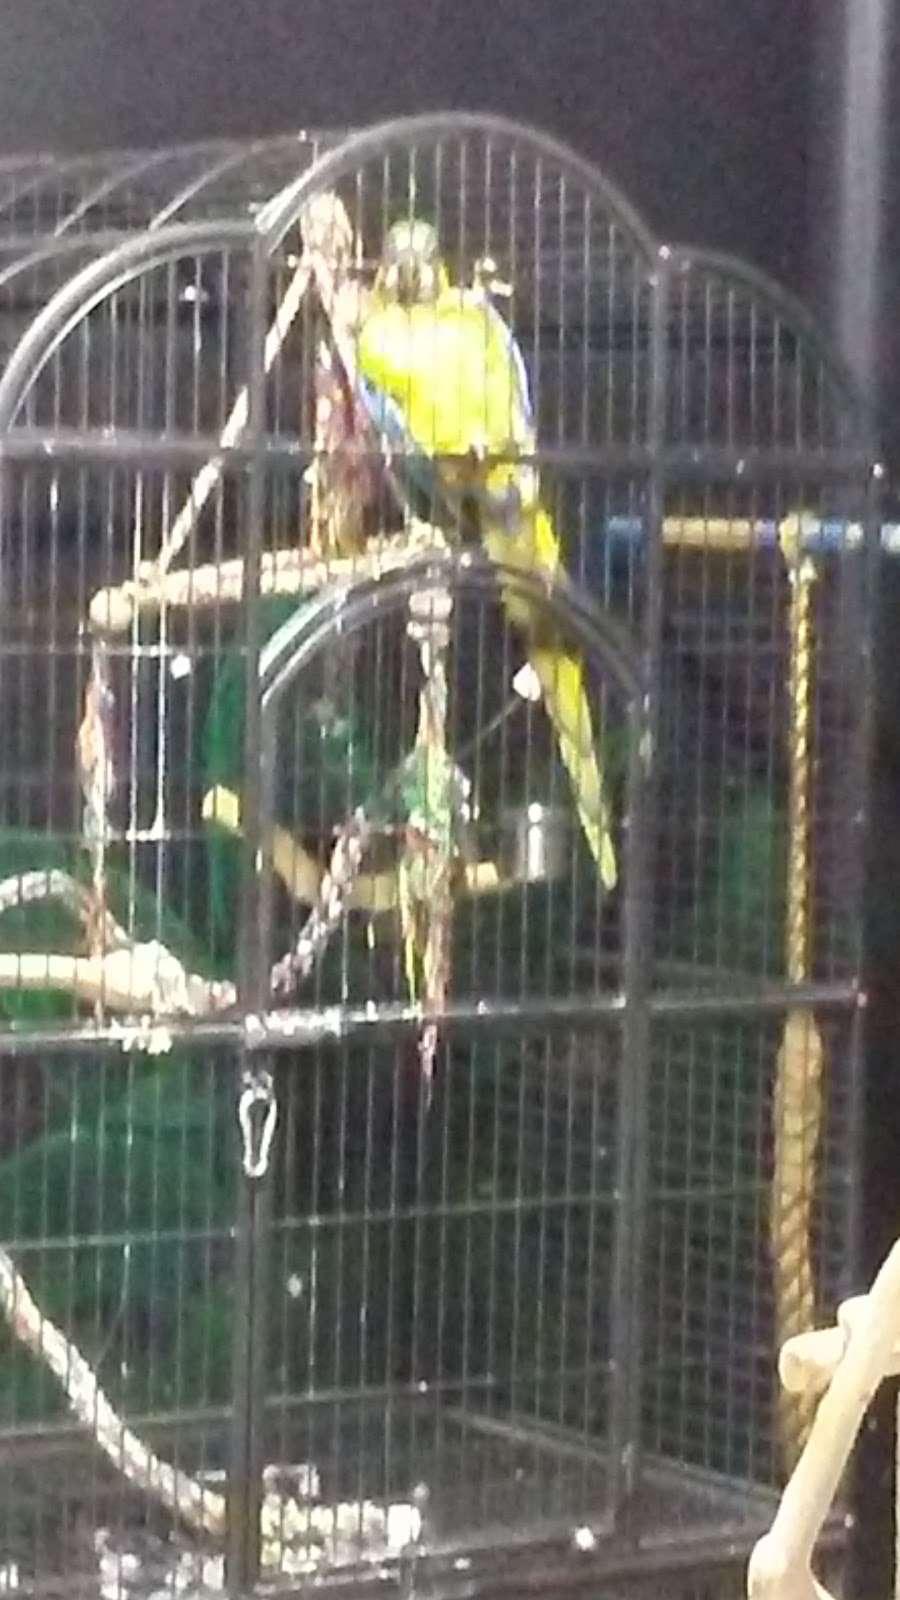 San Antonio Aquarium - aquarium  | Photo 10 of 10 | Address: 6320 Bandera Rd, Leon Valley, TX 78238, USA | Phone: (210) 310-3210